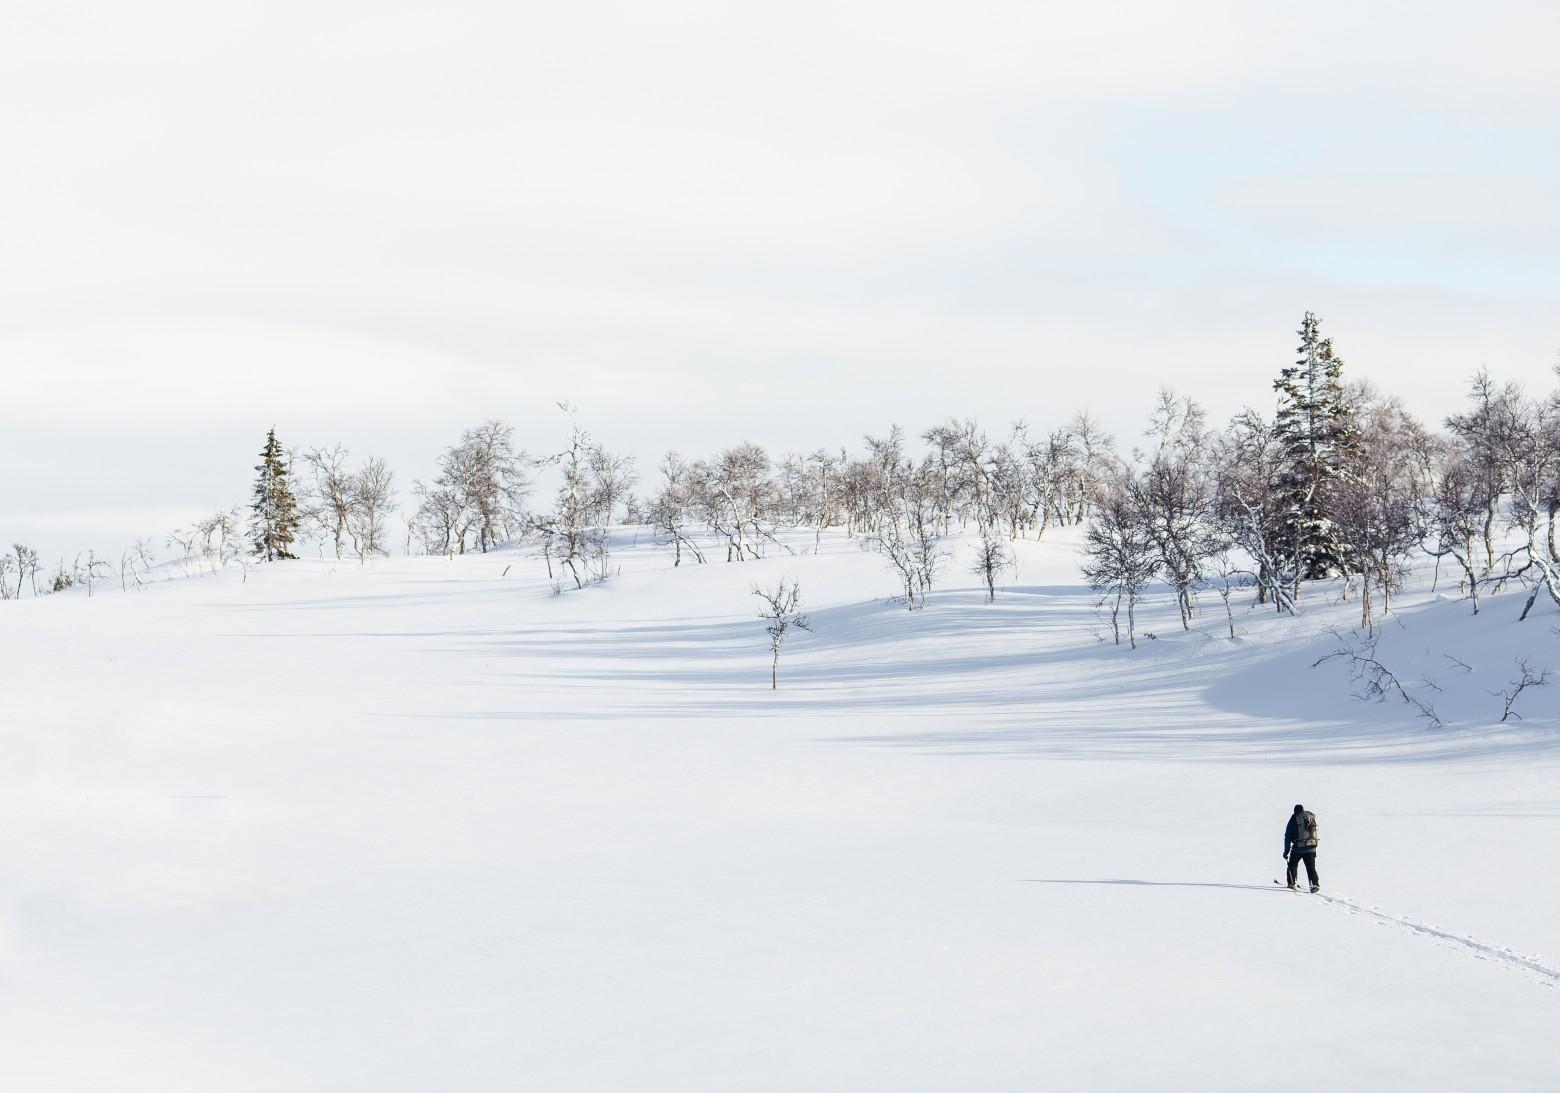 La neige photos gratuites images gratuites et libres de - Photos de neige gratuites ...